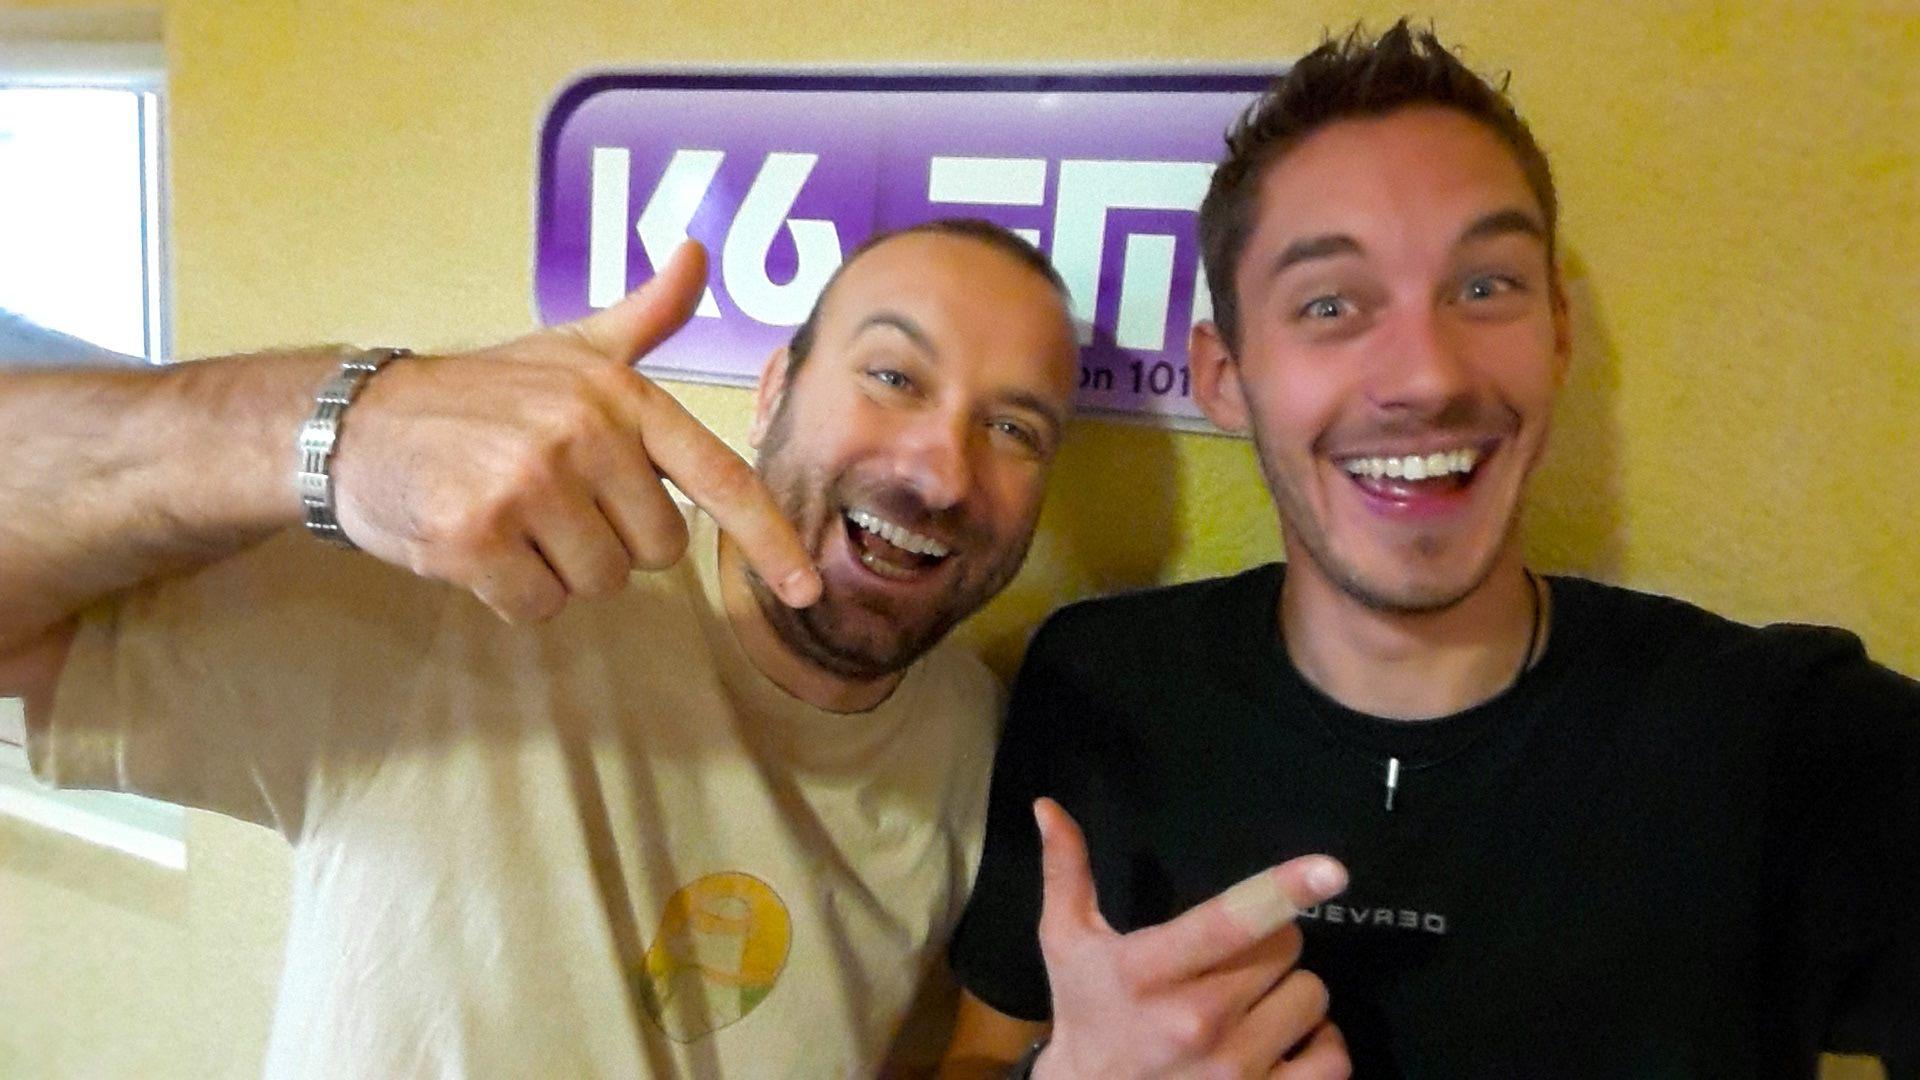 Arnaud Piat (de 9h à 13h) et Yoann Olid (journaliste de la matinale entre 6h et 9h) ont fait leur rentrée sur K6FM